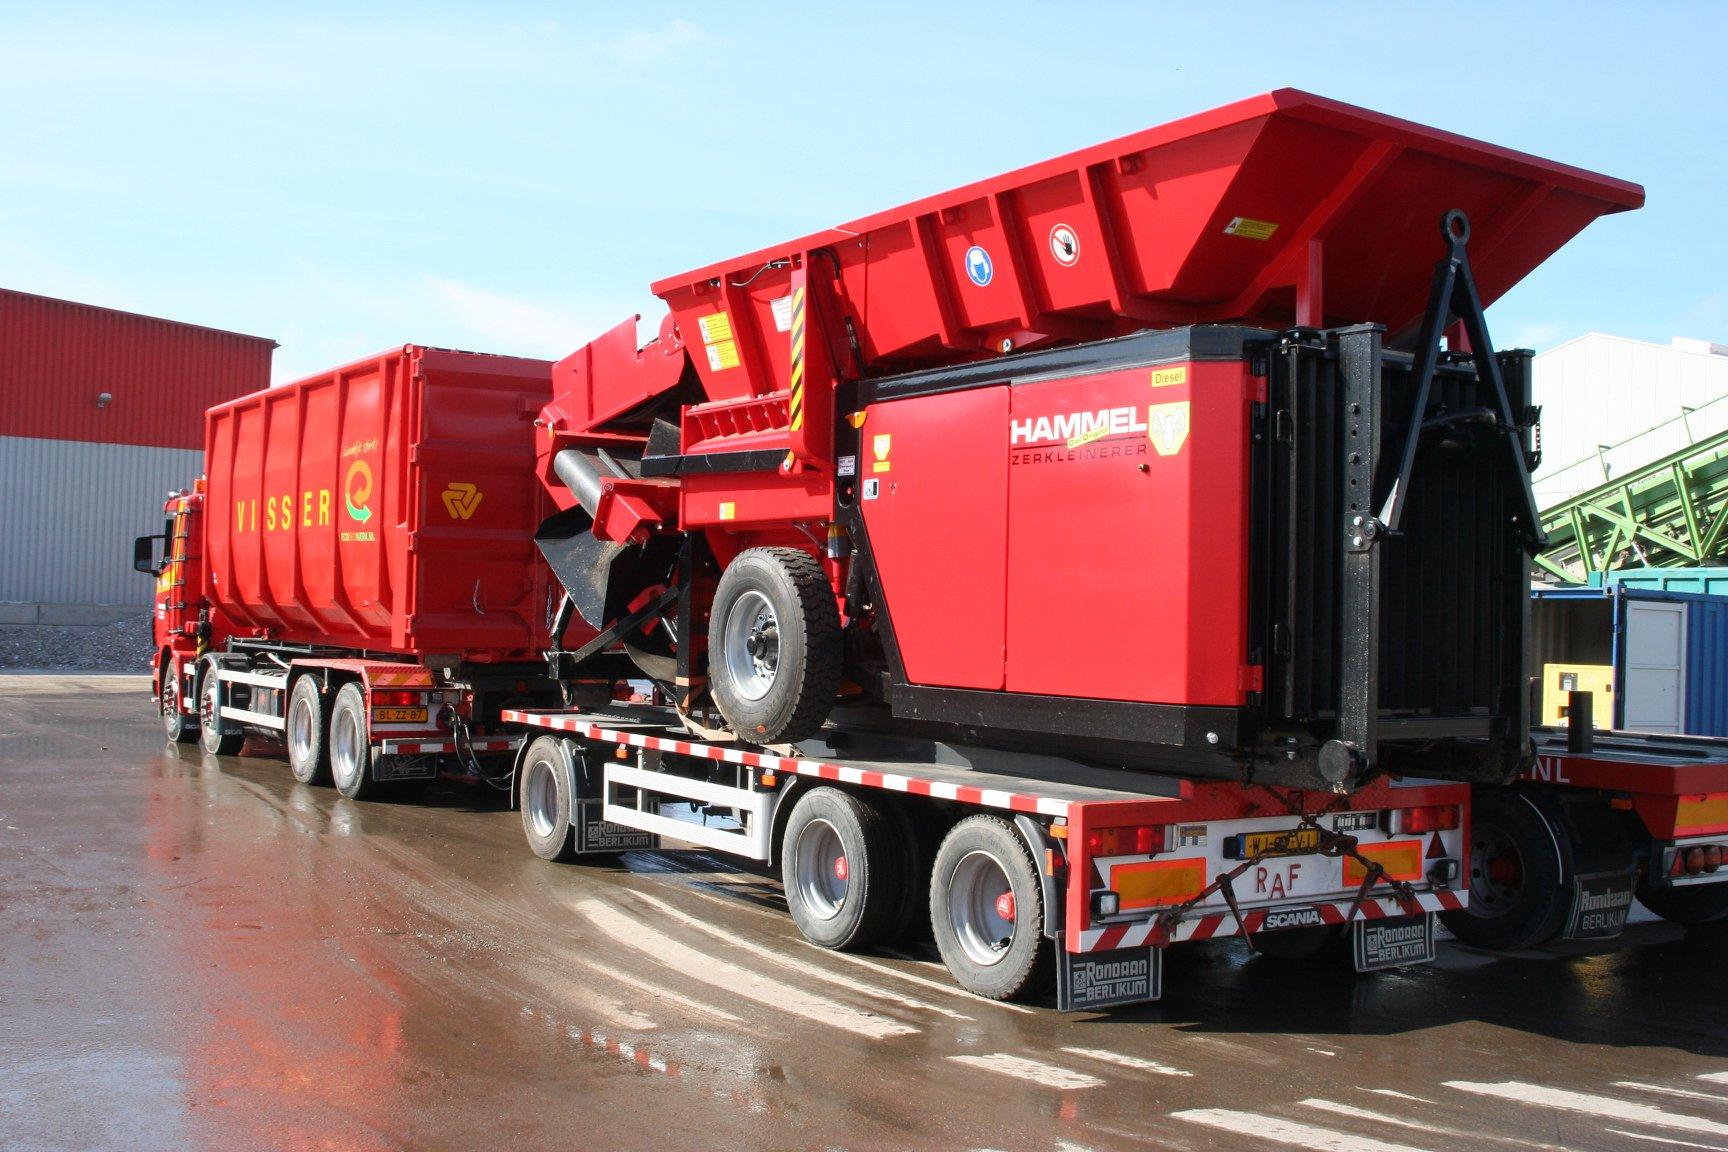 Scania-114-G-340-pk-met-een-RAF-tandemas-container-aanhangwagen-2